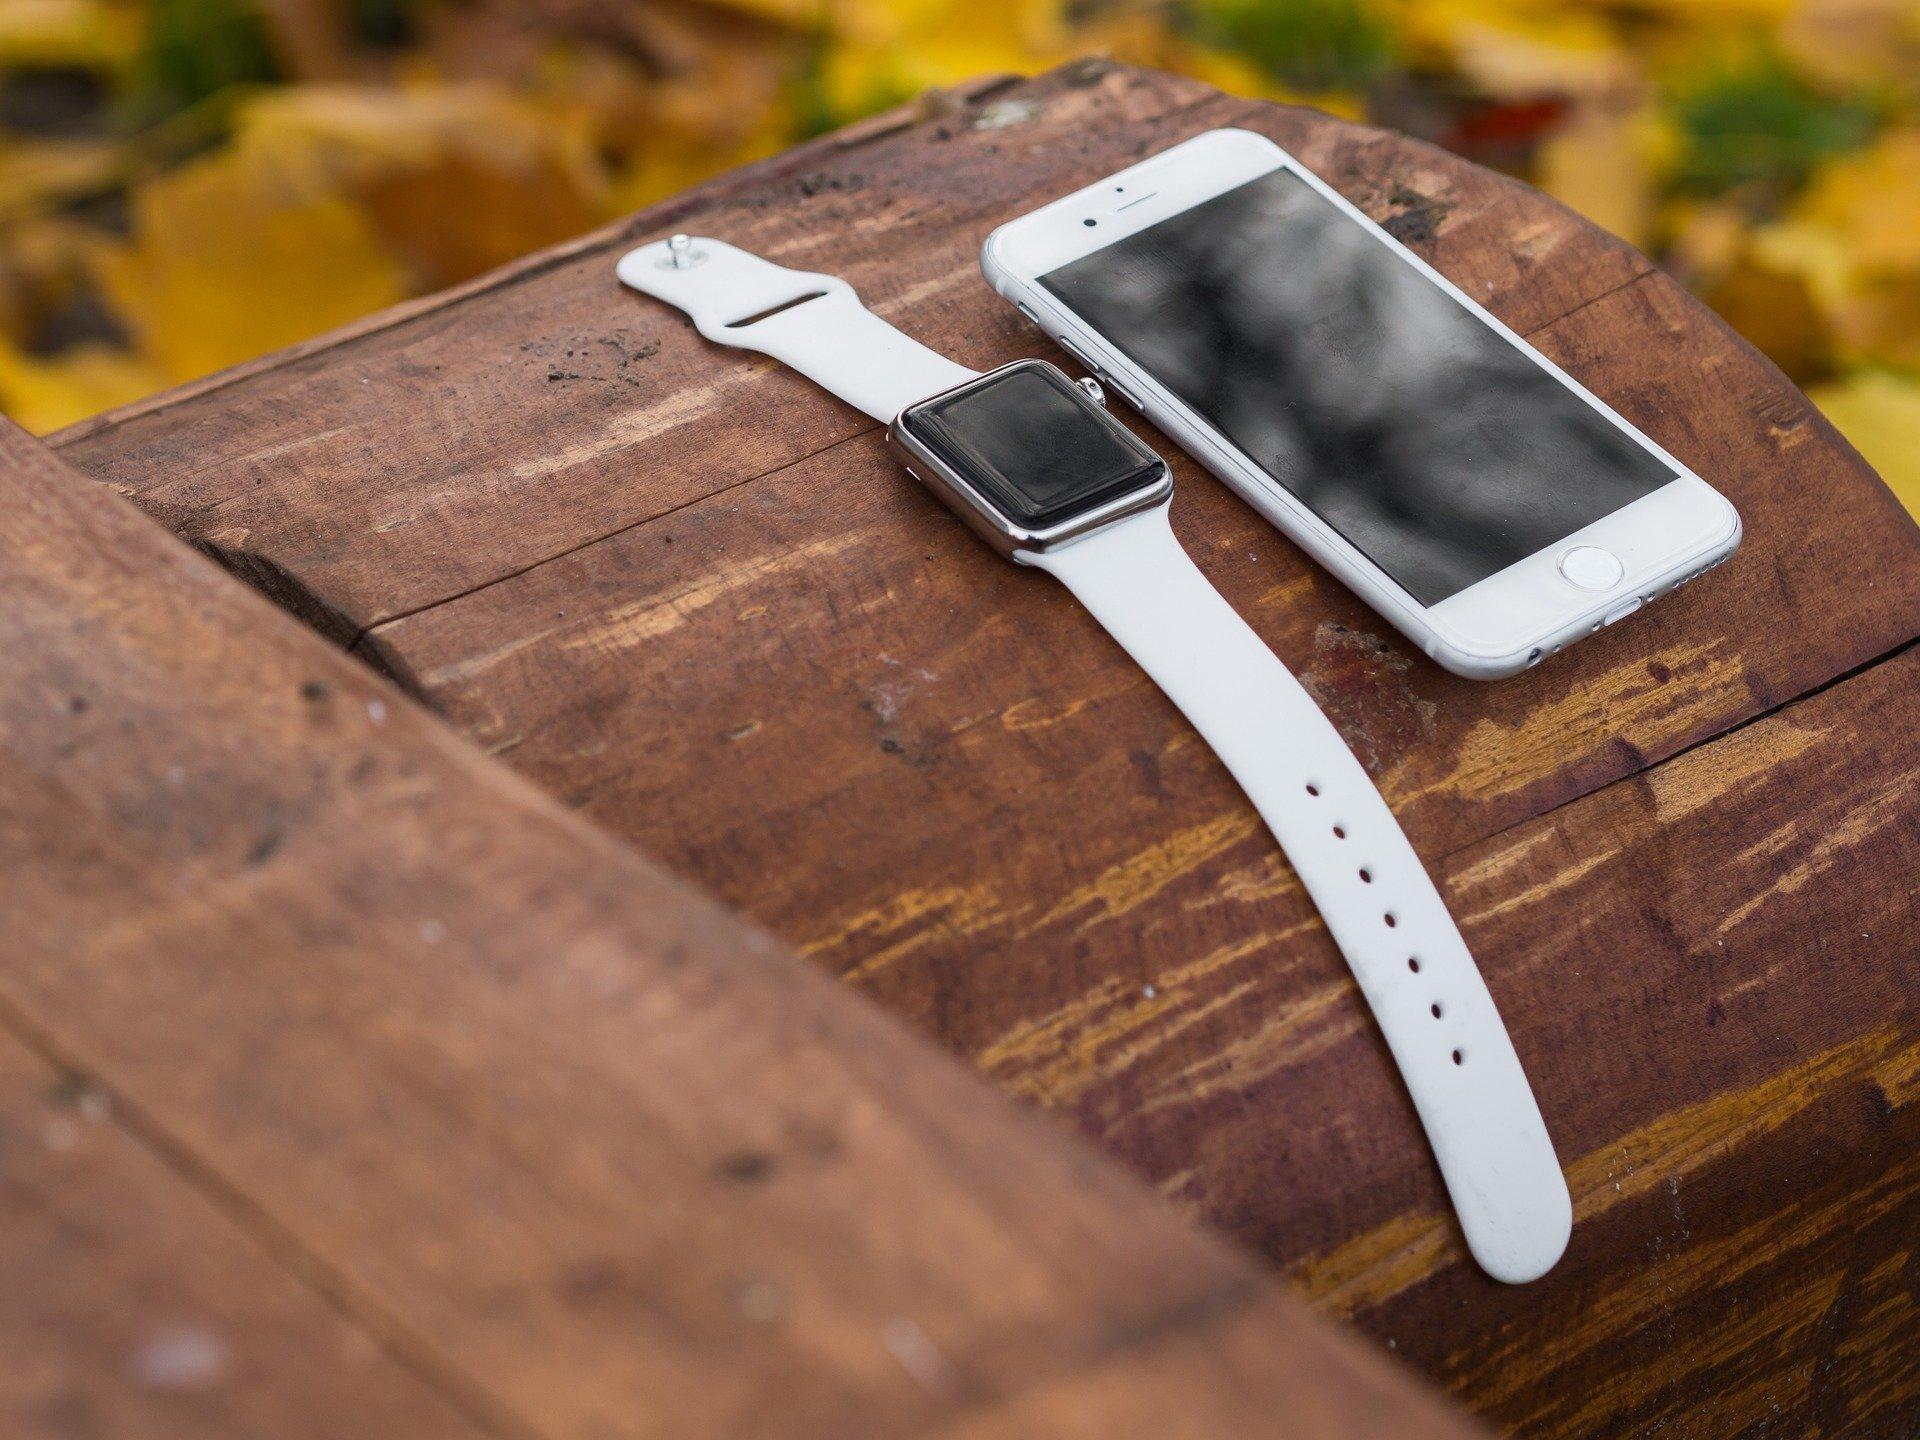 iPhone-Prototypen: Mit Security-Cases gegen Leaks